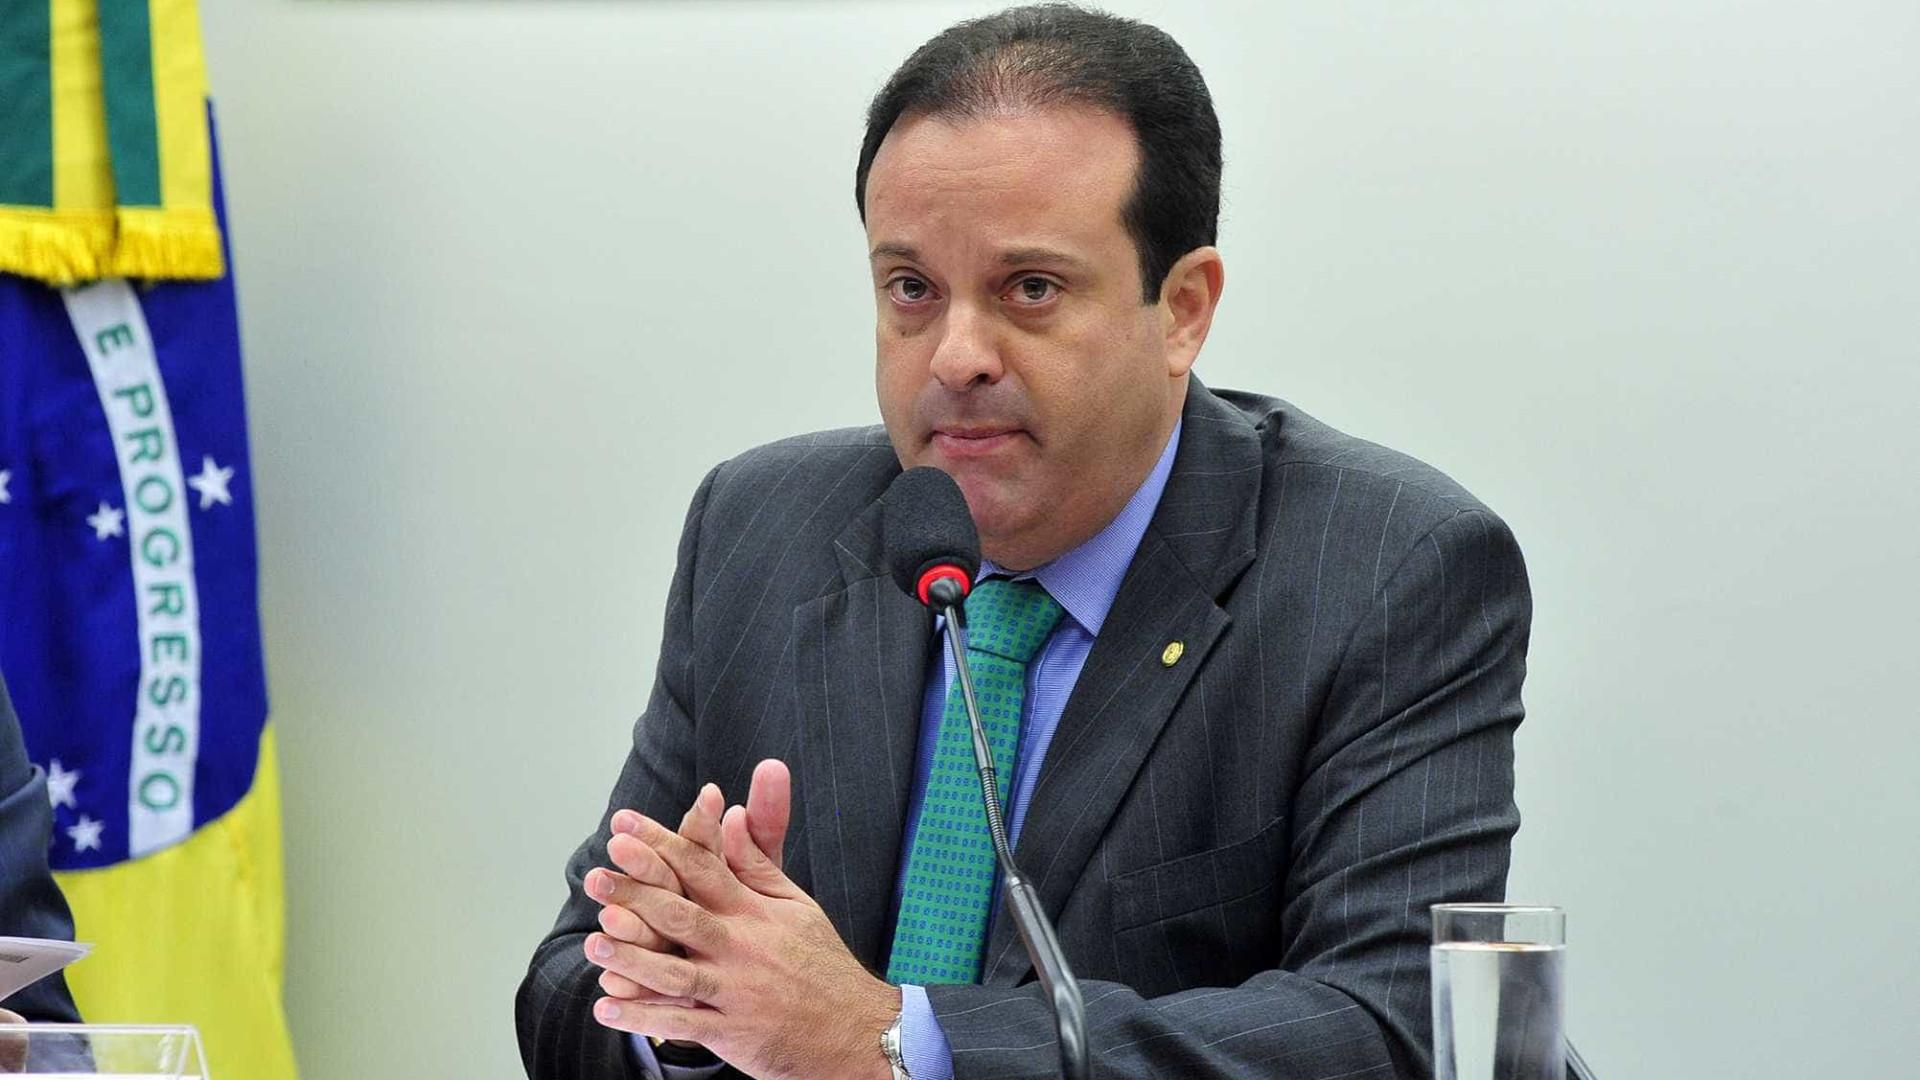 Líder do governo na Câmara é suspeito  de desviar cota parlamentar